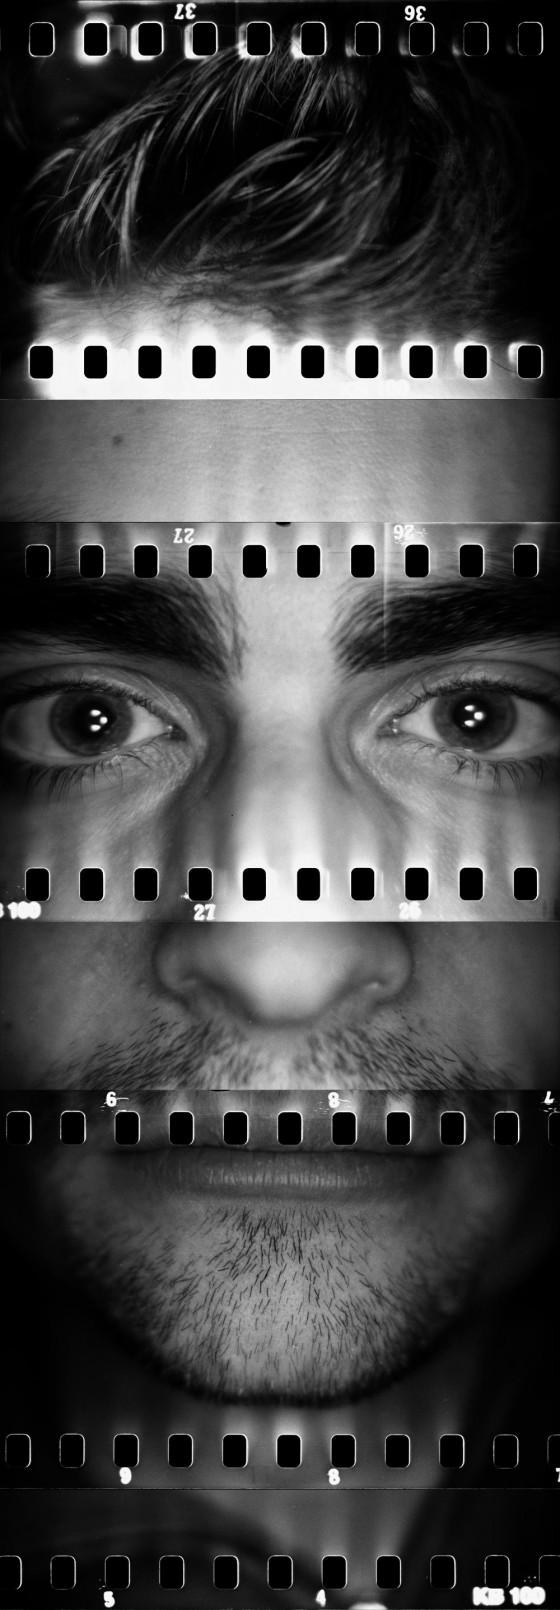 fisiognòmica project - Foto di volti ricomposti in diversi scatti su pellicola